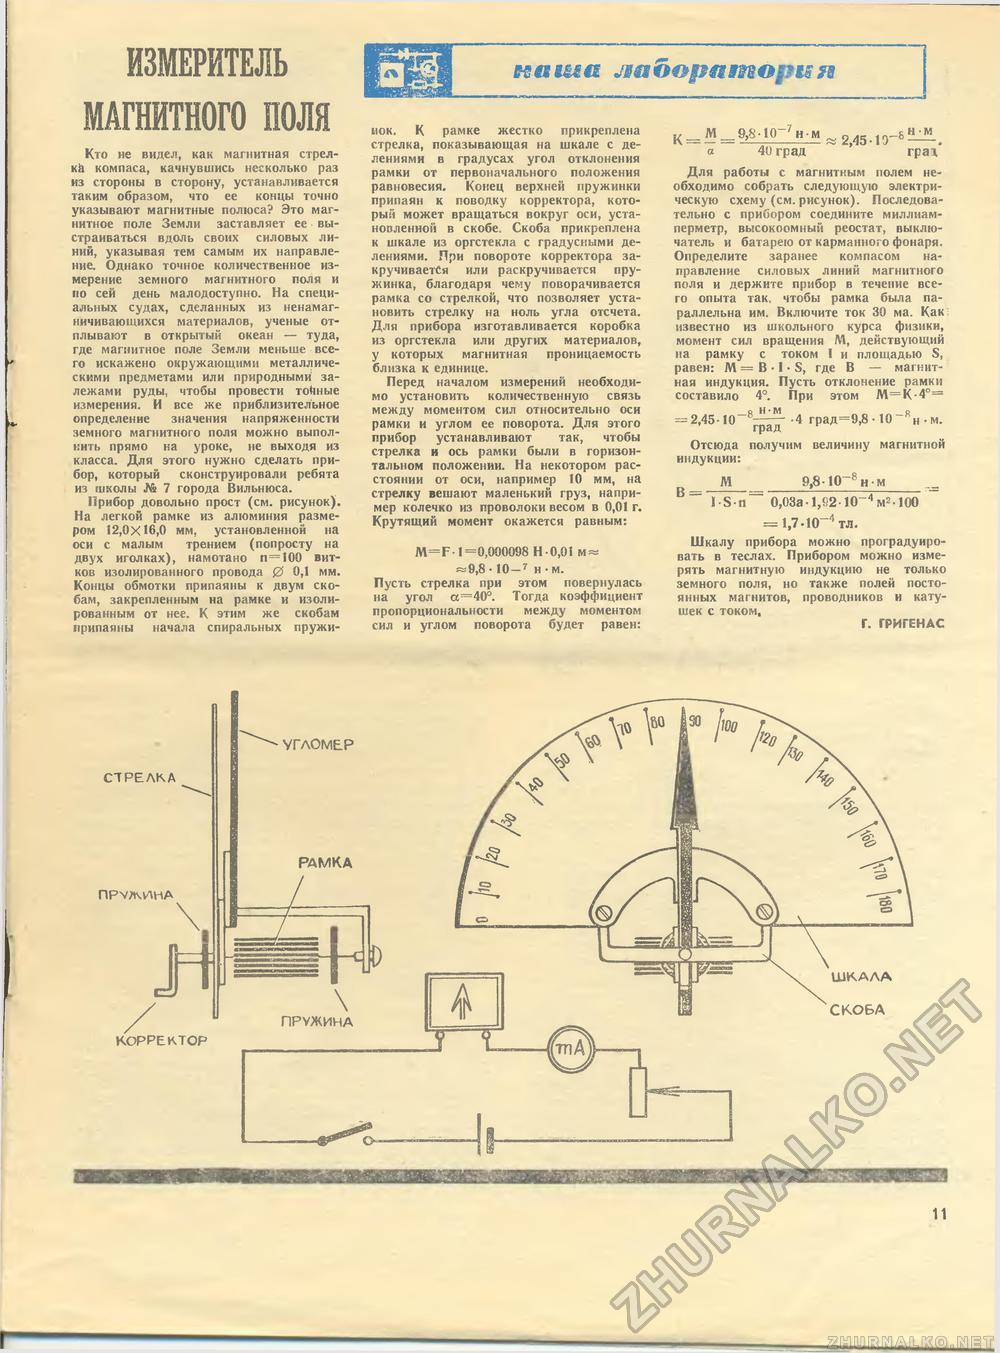 Прибор своими руками для измерения магнитного поля